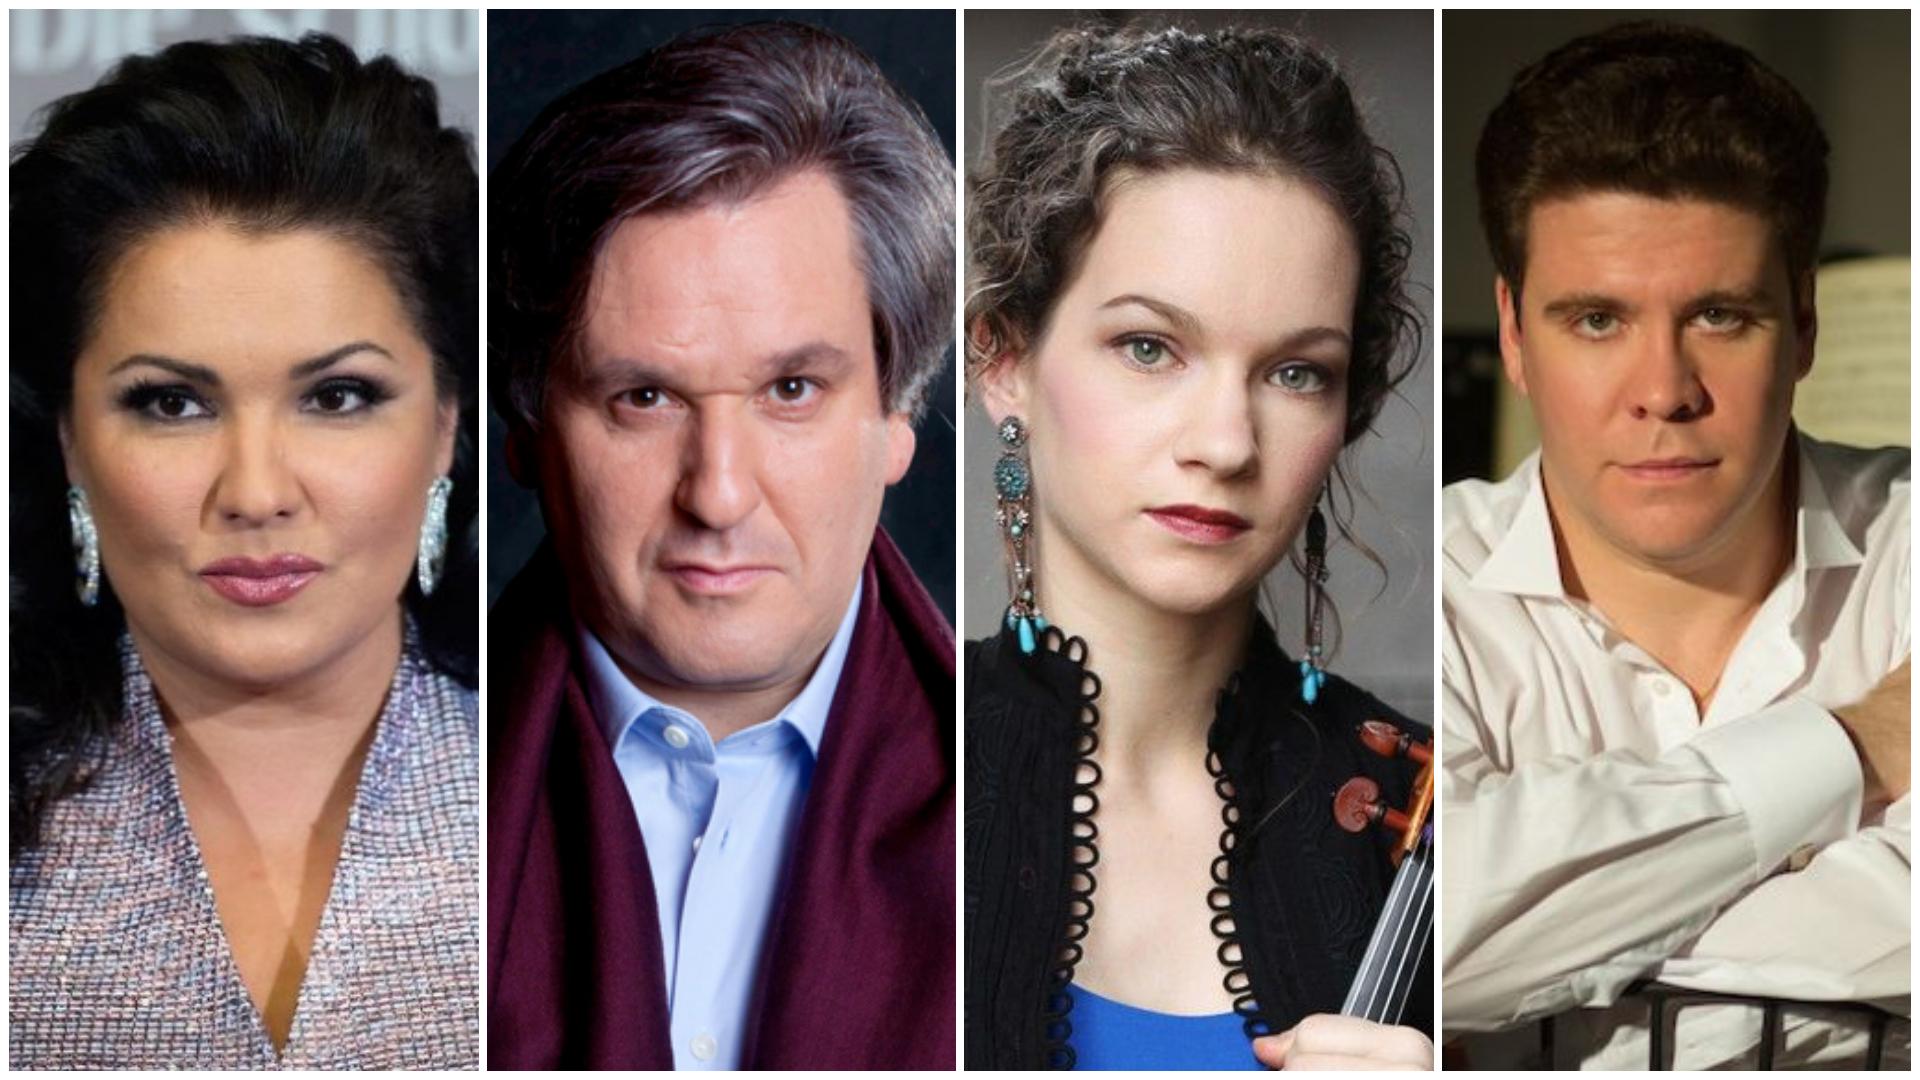 Anna Netrebko, Antonio Pappano, Hilary Hahn y Denis Matsuev, protagonistas del Festival de Pascua de Salzburgo 2021